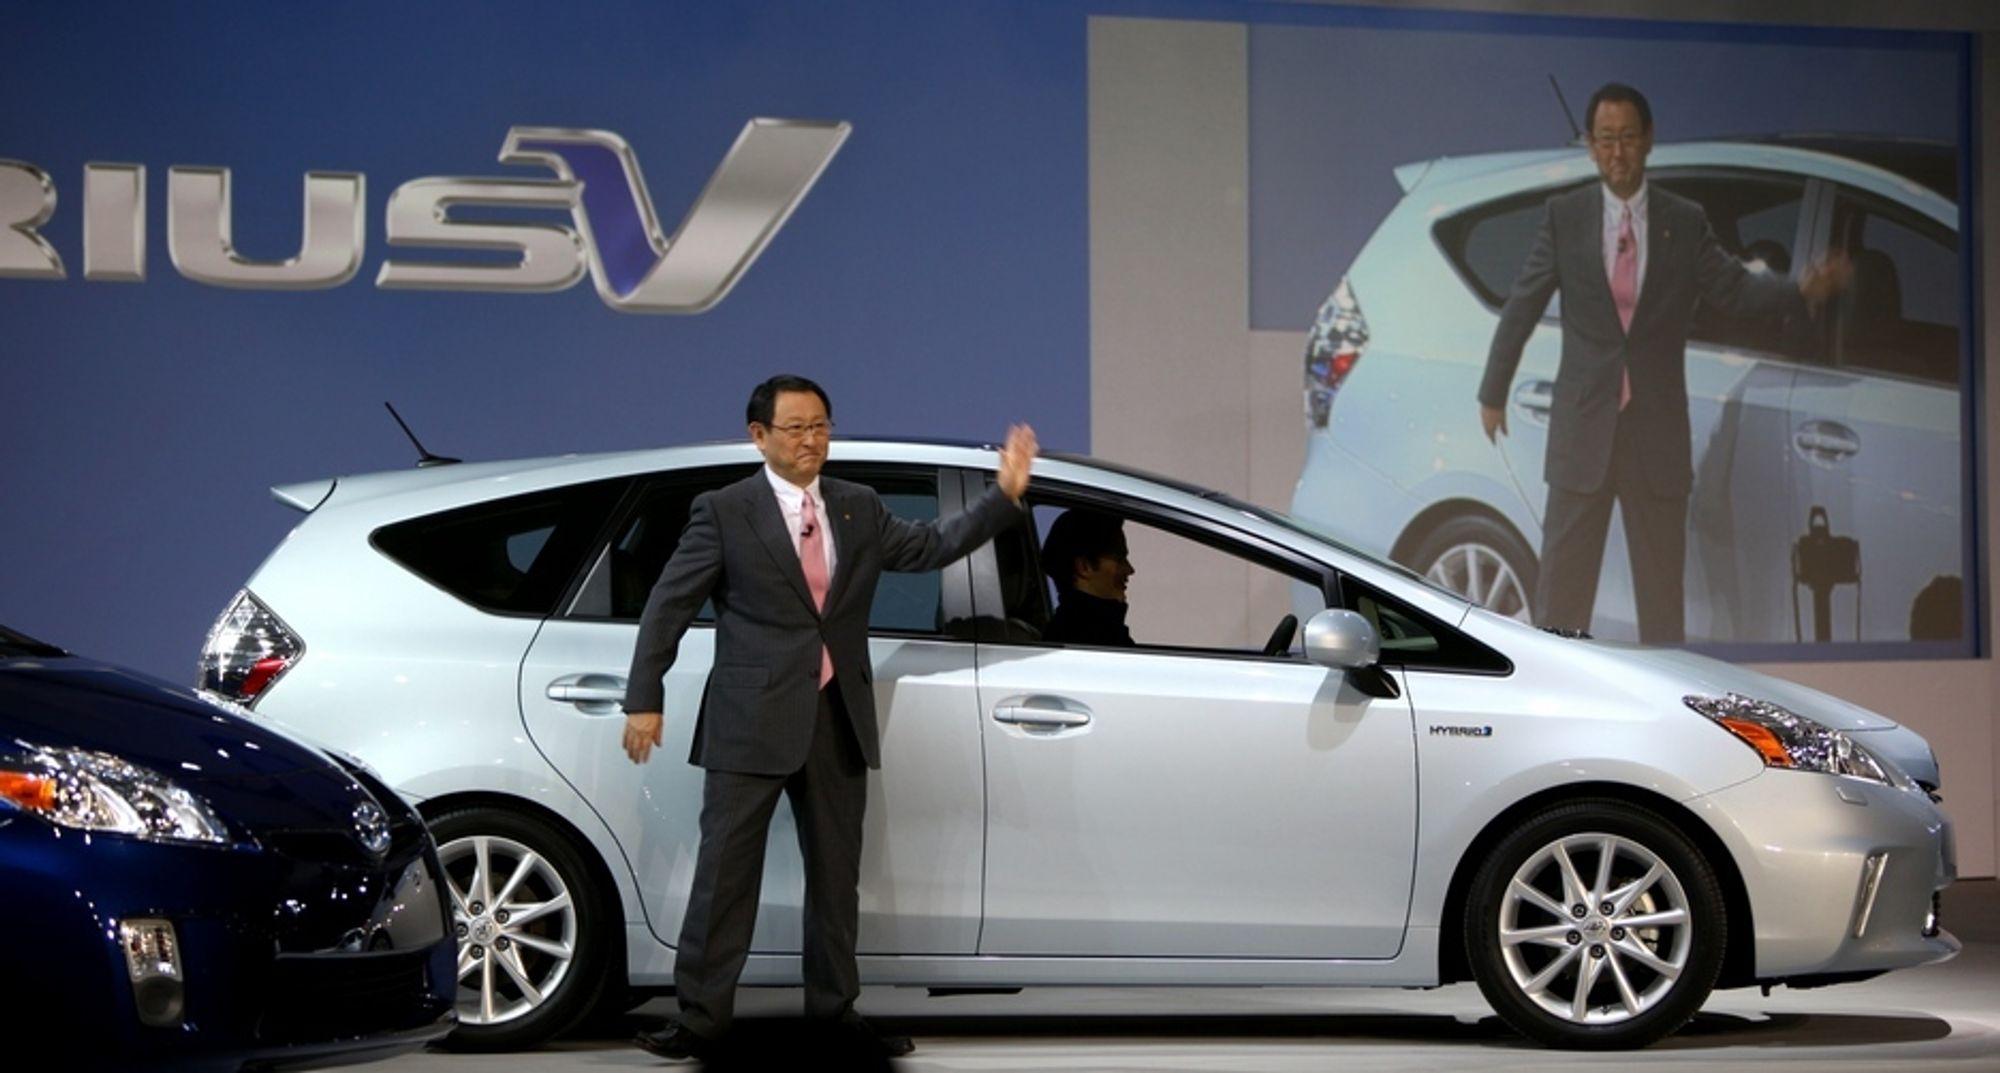 Toyota-sjef Akio Toyoda var på plass i Detroit for å vise fram den nye forvokste hybriden Prius V.